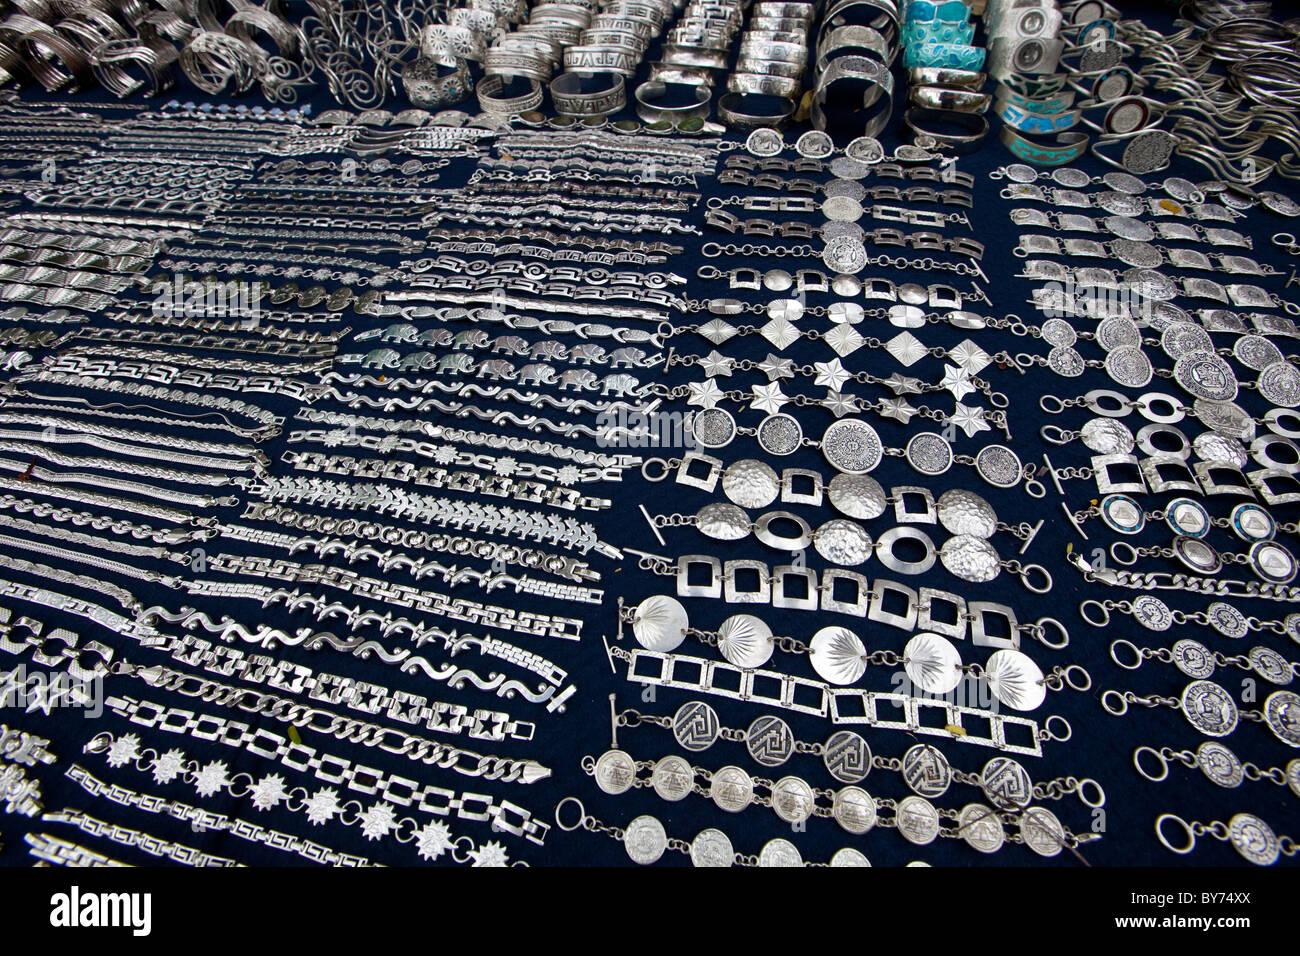 Silver Jewelry Vendor at Chichen Itza, Mexico - Stock Image